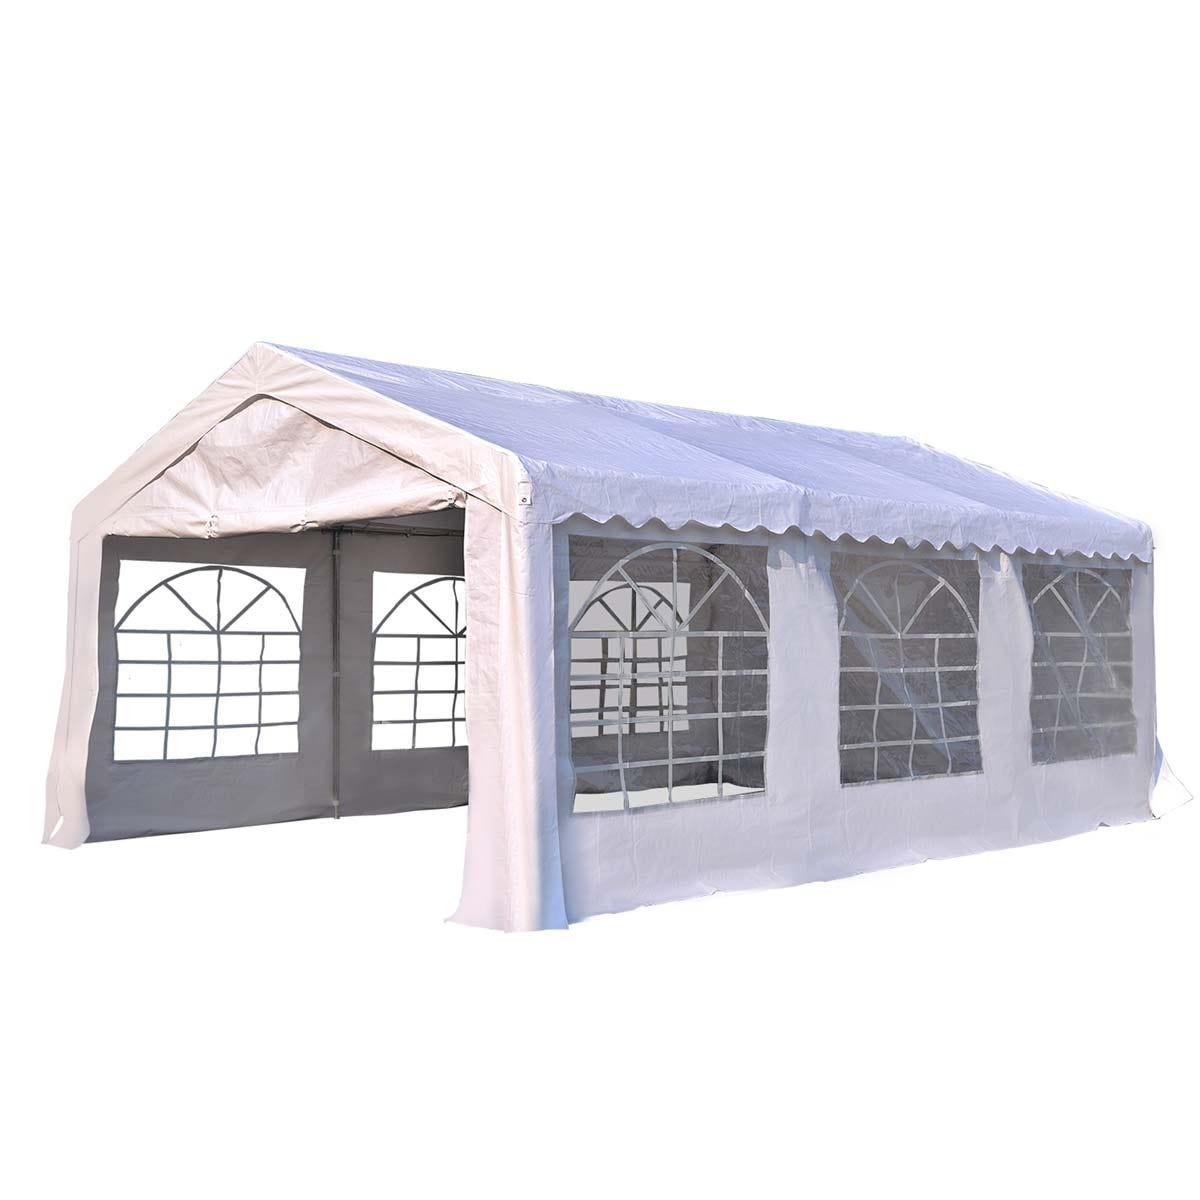 Outsunny 6 x 4m Garden Gazebo with Sides - White